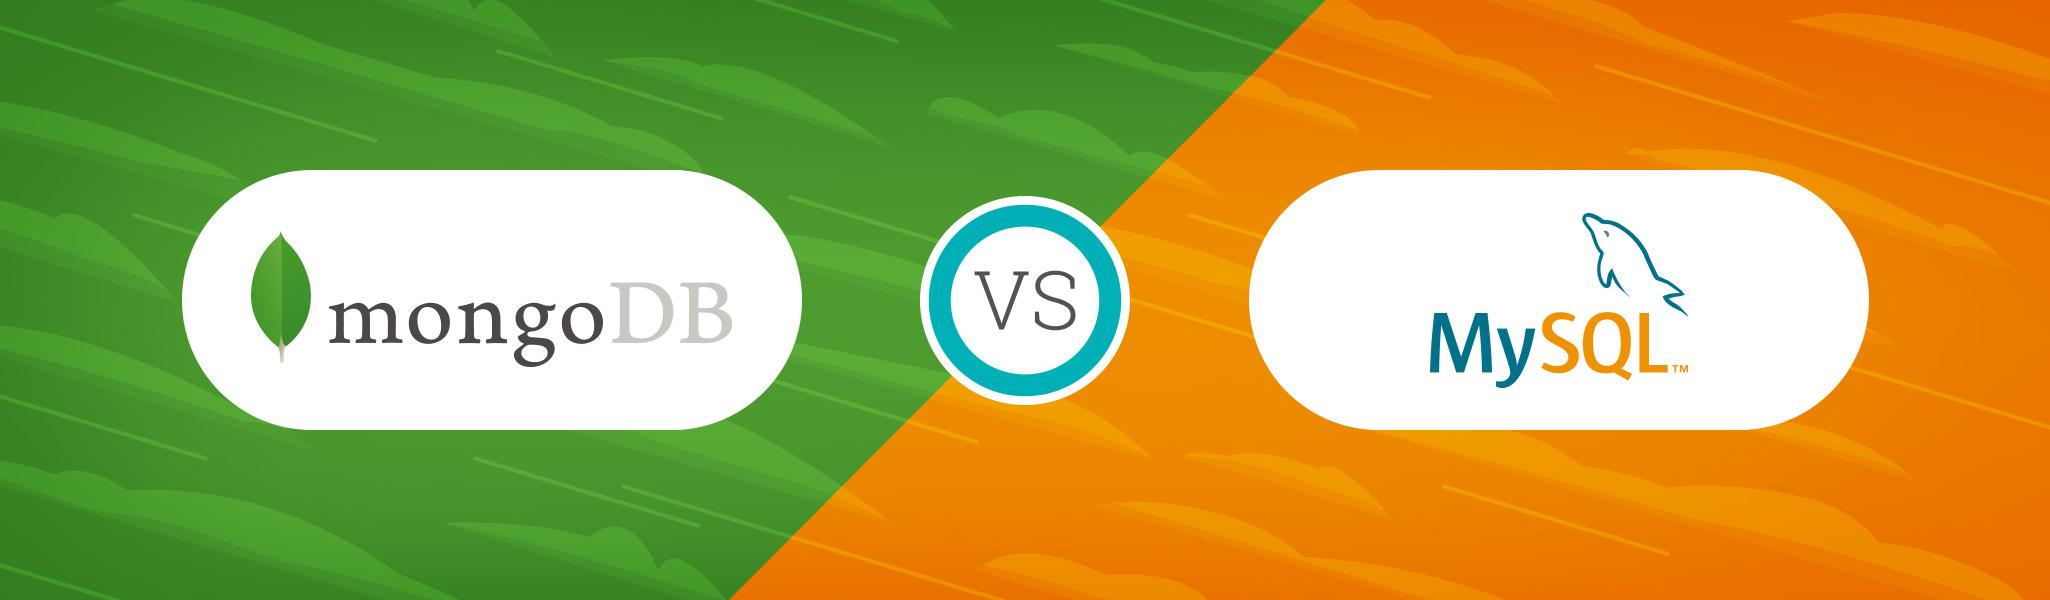 MongoDB vs MySQL: the differences explained